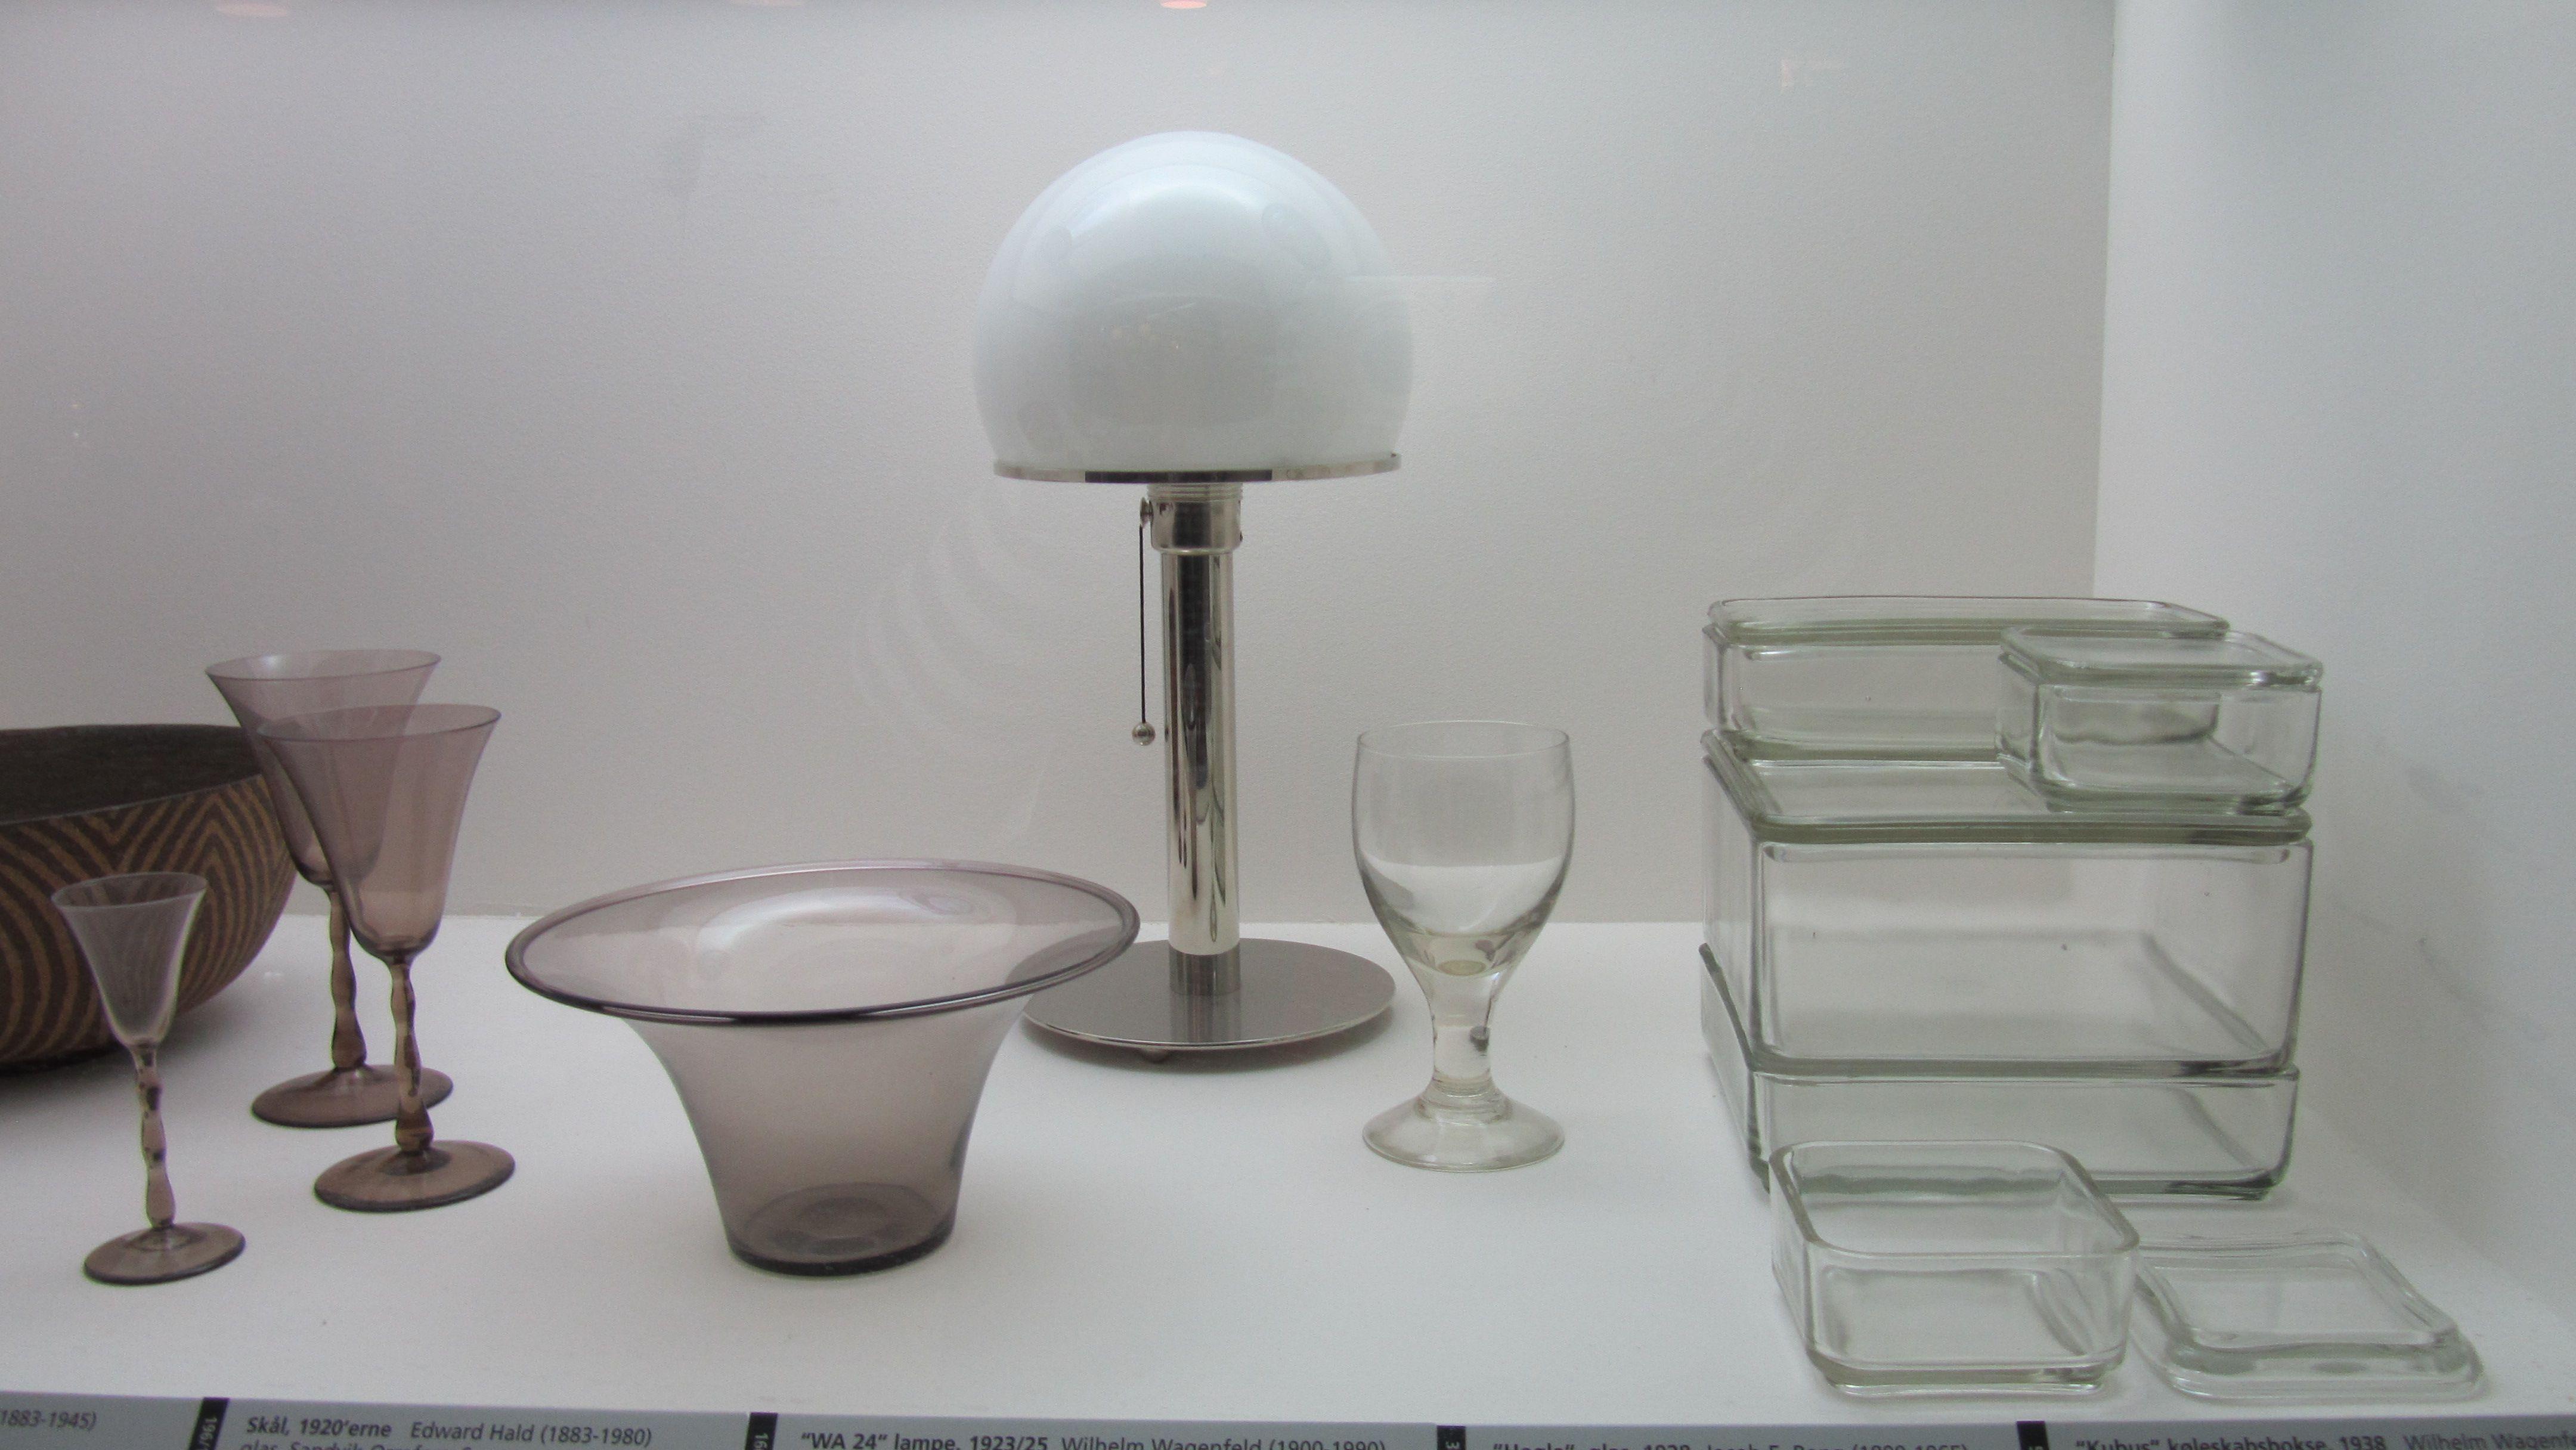 The works of German Bauhausdesigner Wilhelm Wagenfeld